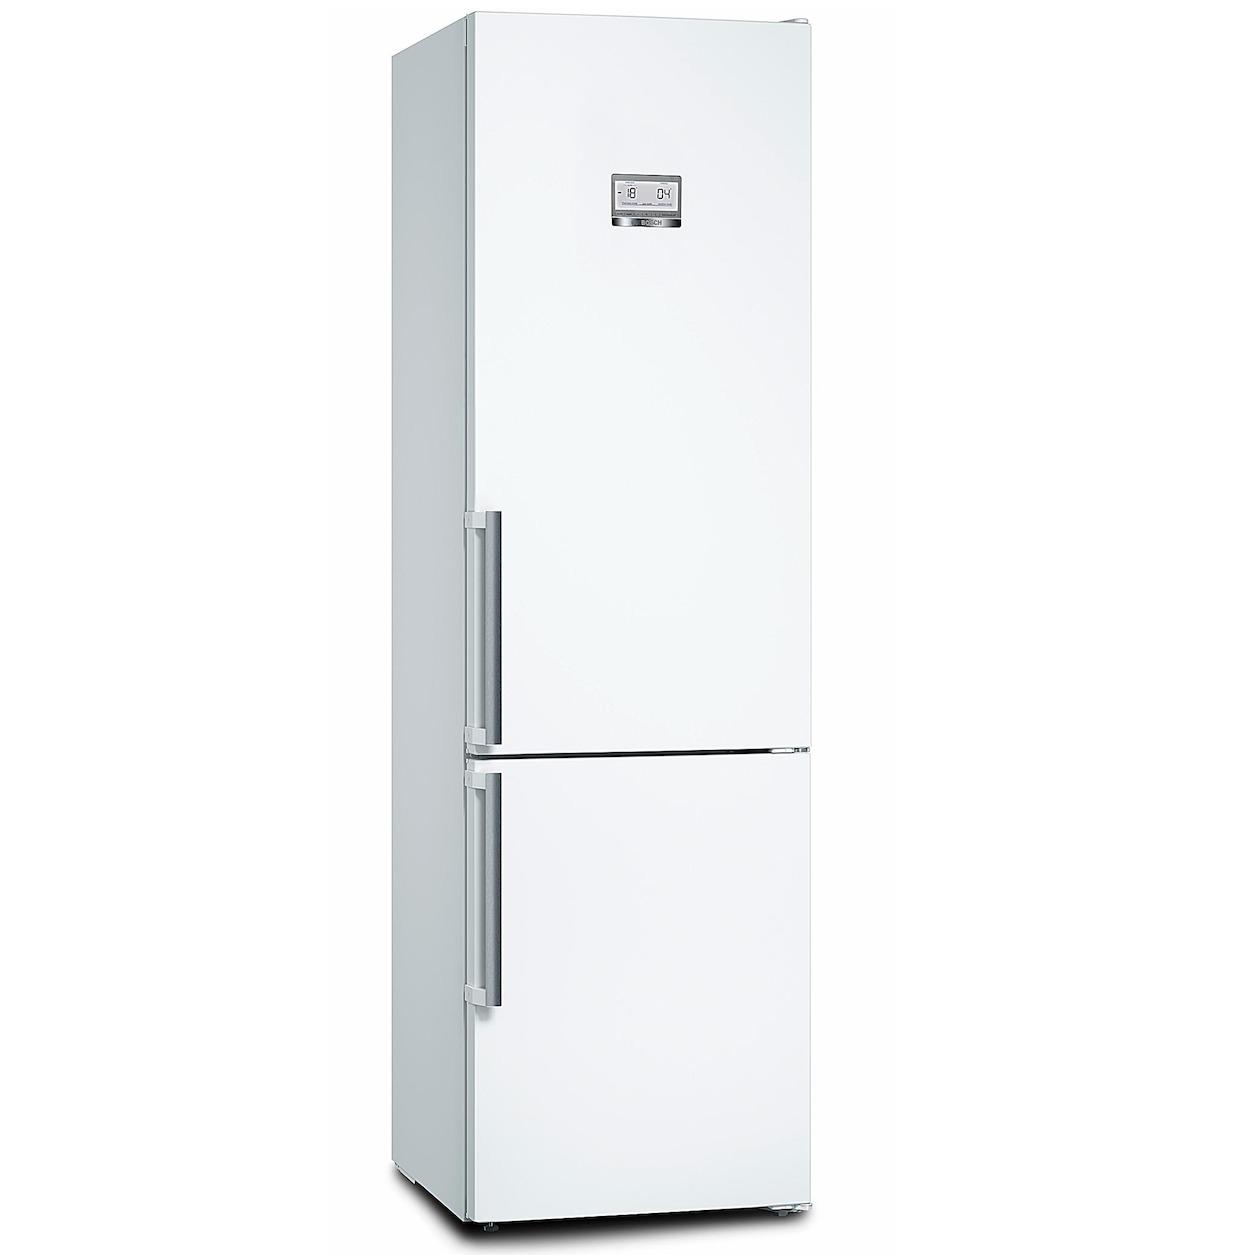 Bosch koelkast met vriesvak KGN39AW35